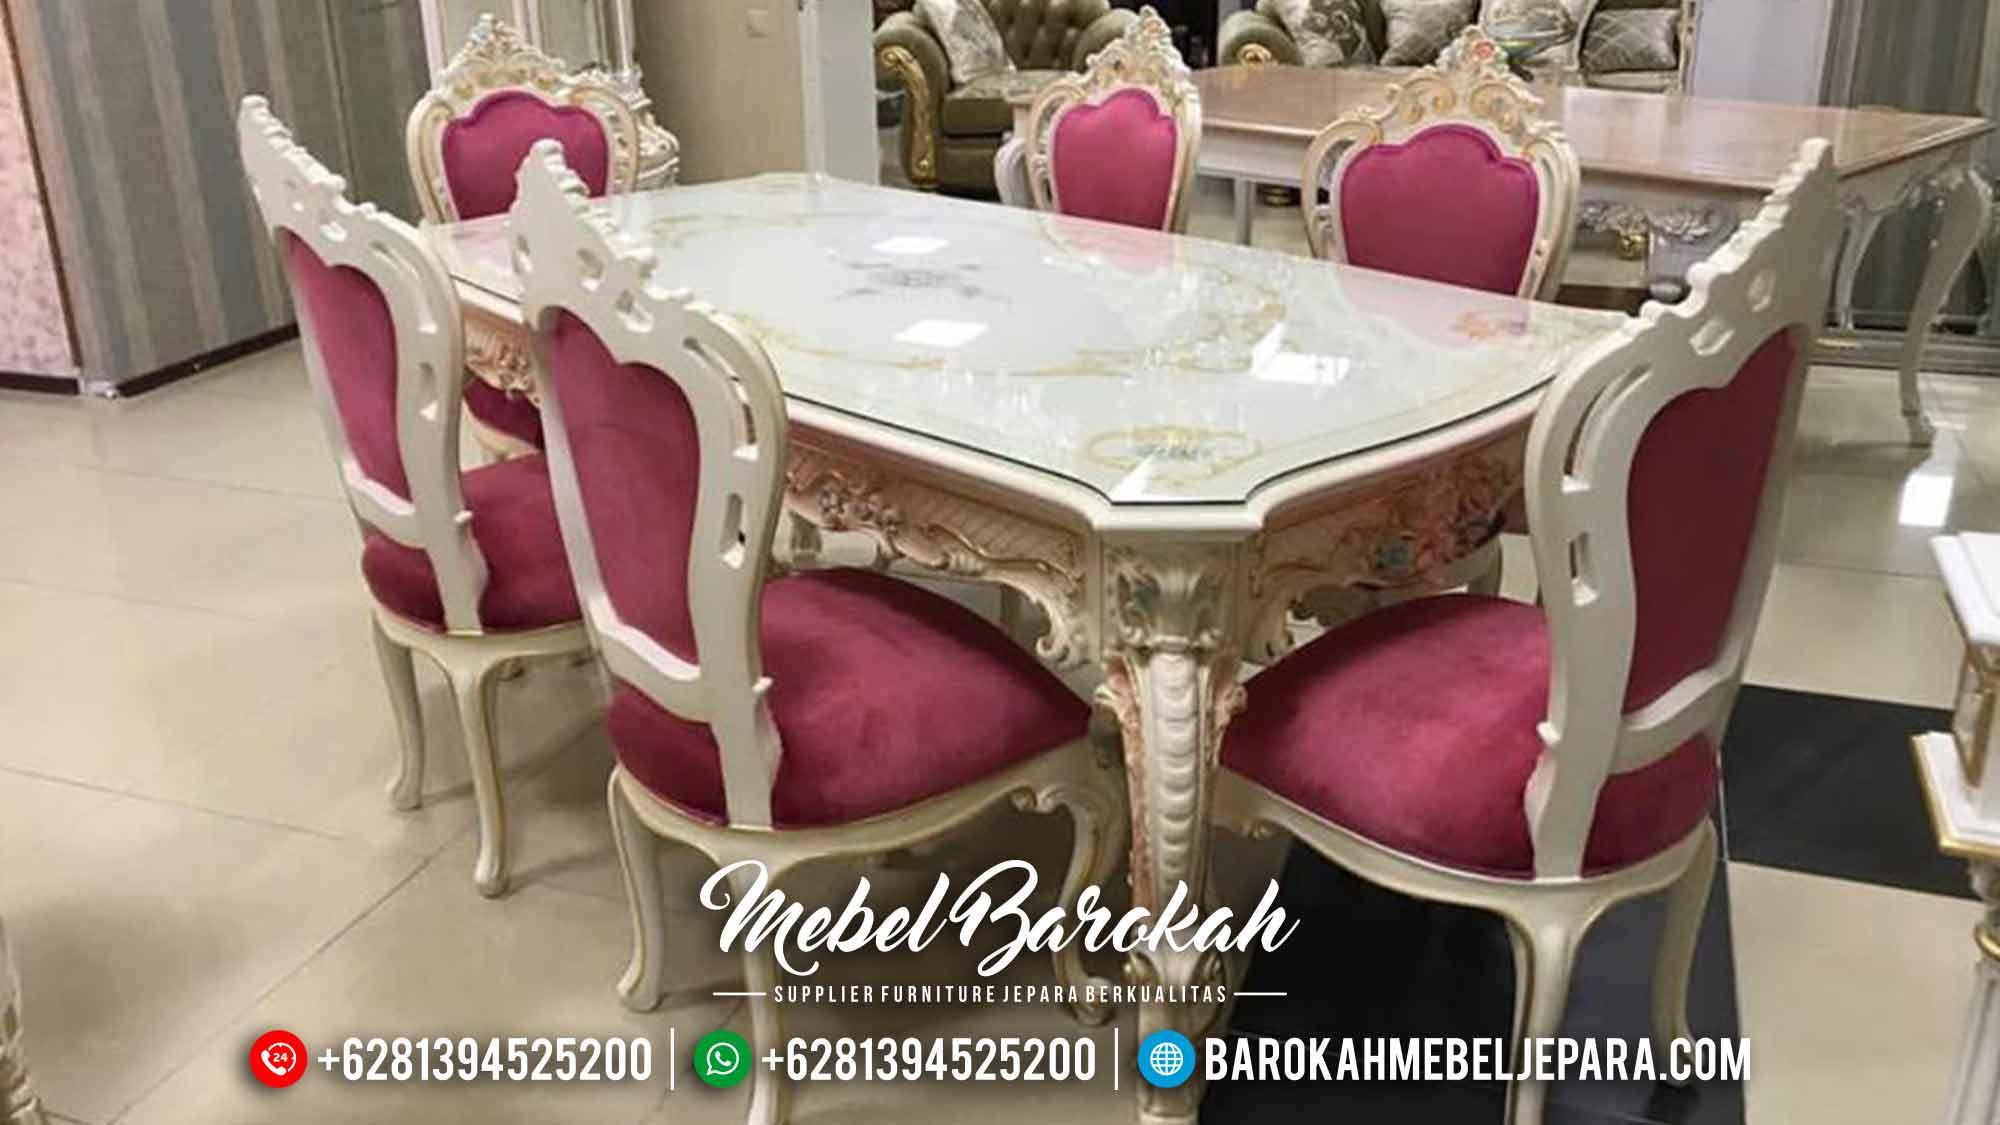 Harga Meja Makan Mewah Jepara Luxury Carving Koltuk Design Antique MB-0553